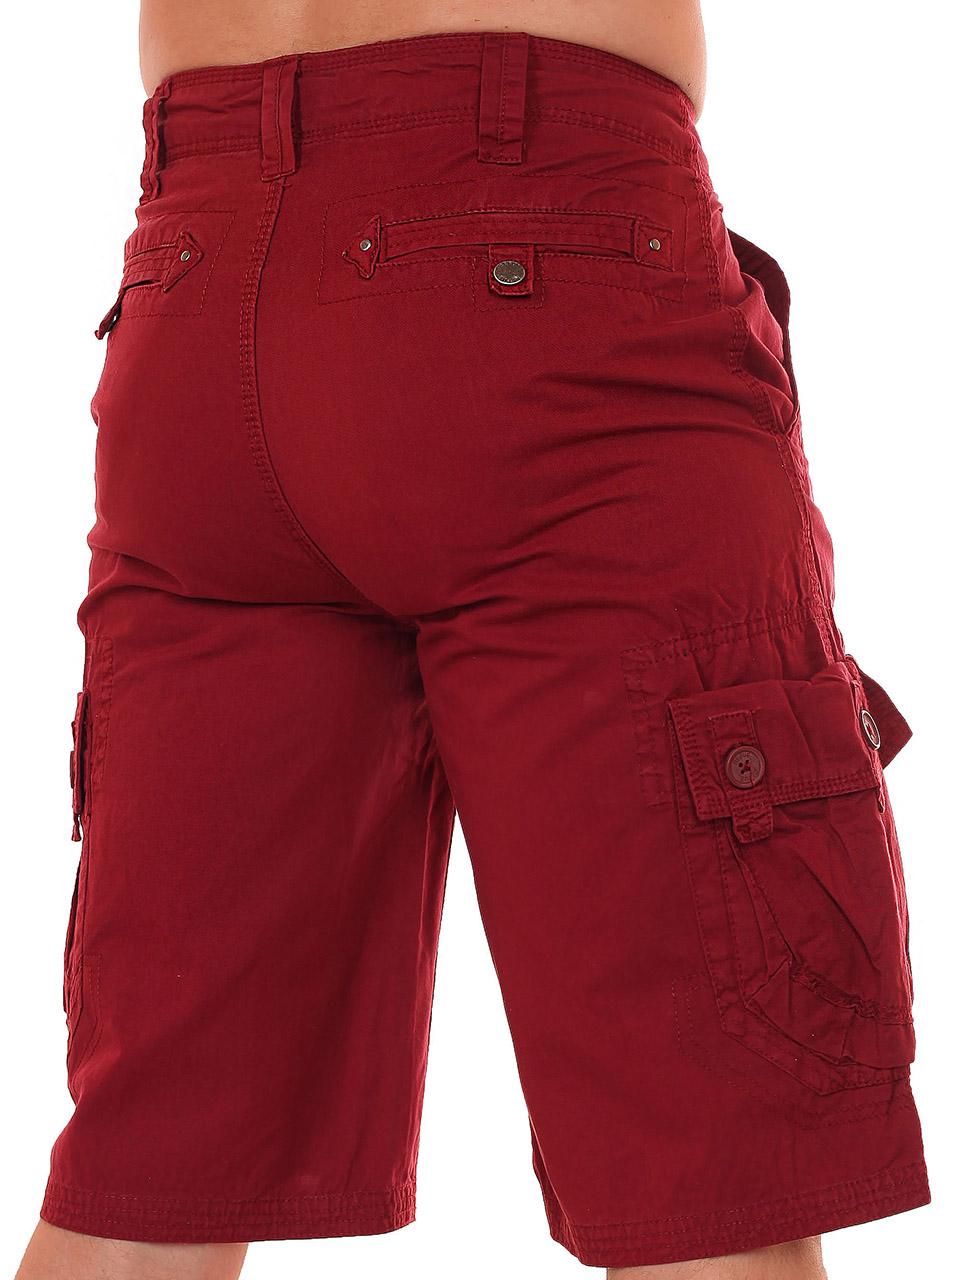 Новомодные мужские шорты от бренда Refuel по лучшей цене